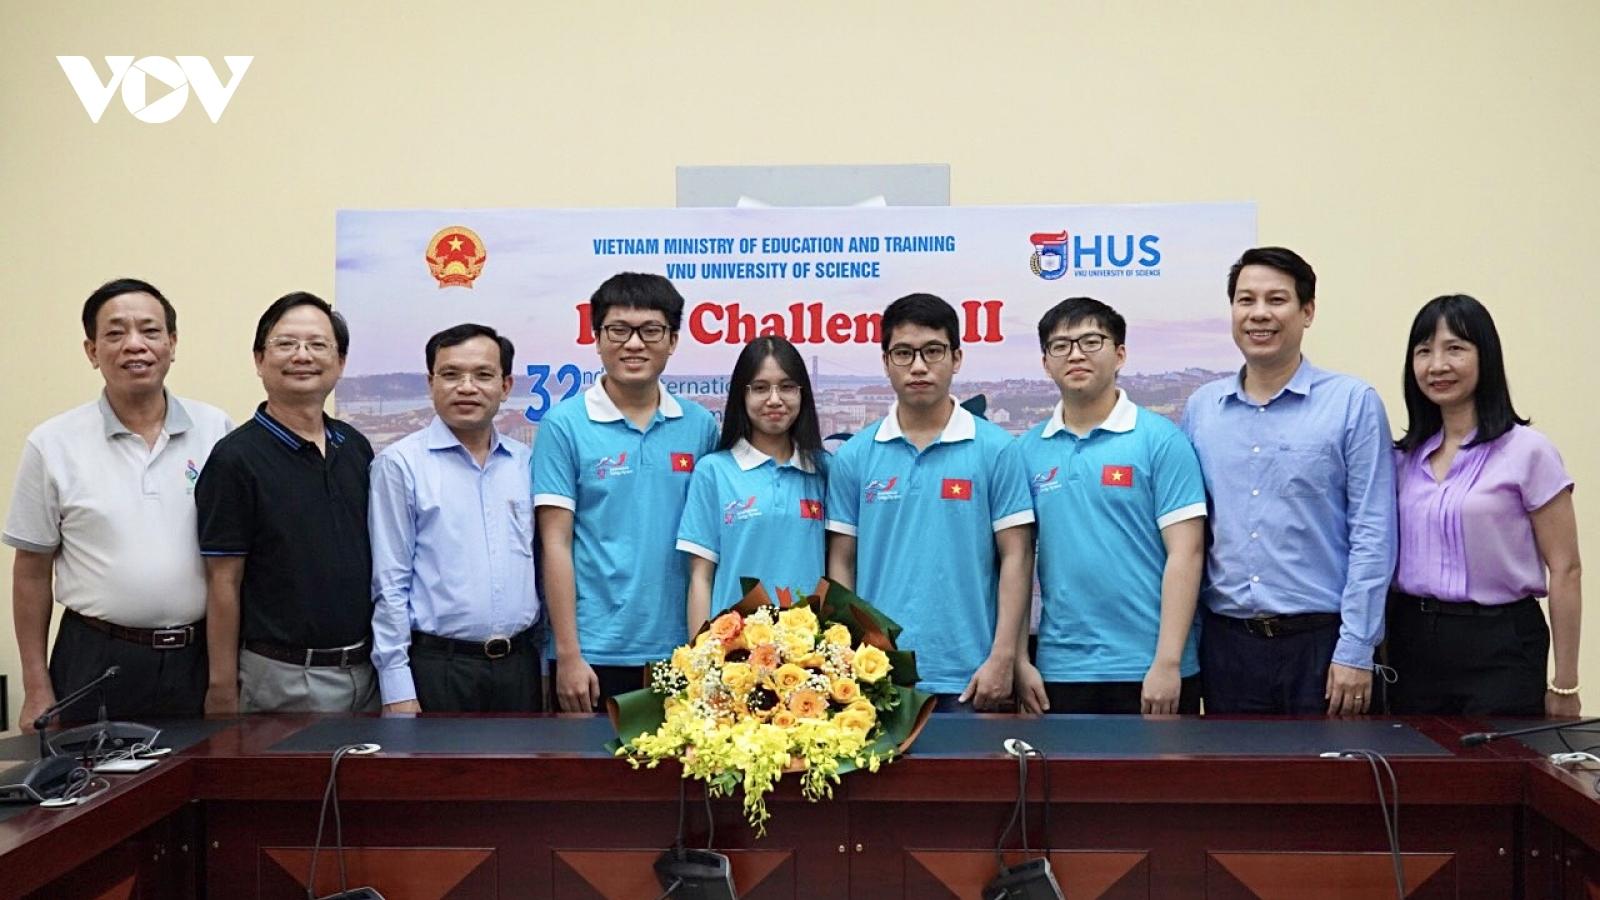 Toàn đoàn học sinh Việt Nam dự thi Olympic Sinh học 2021 đều đoạt huy chương